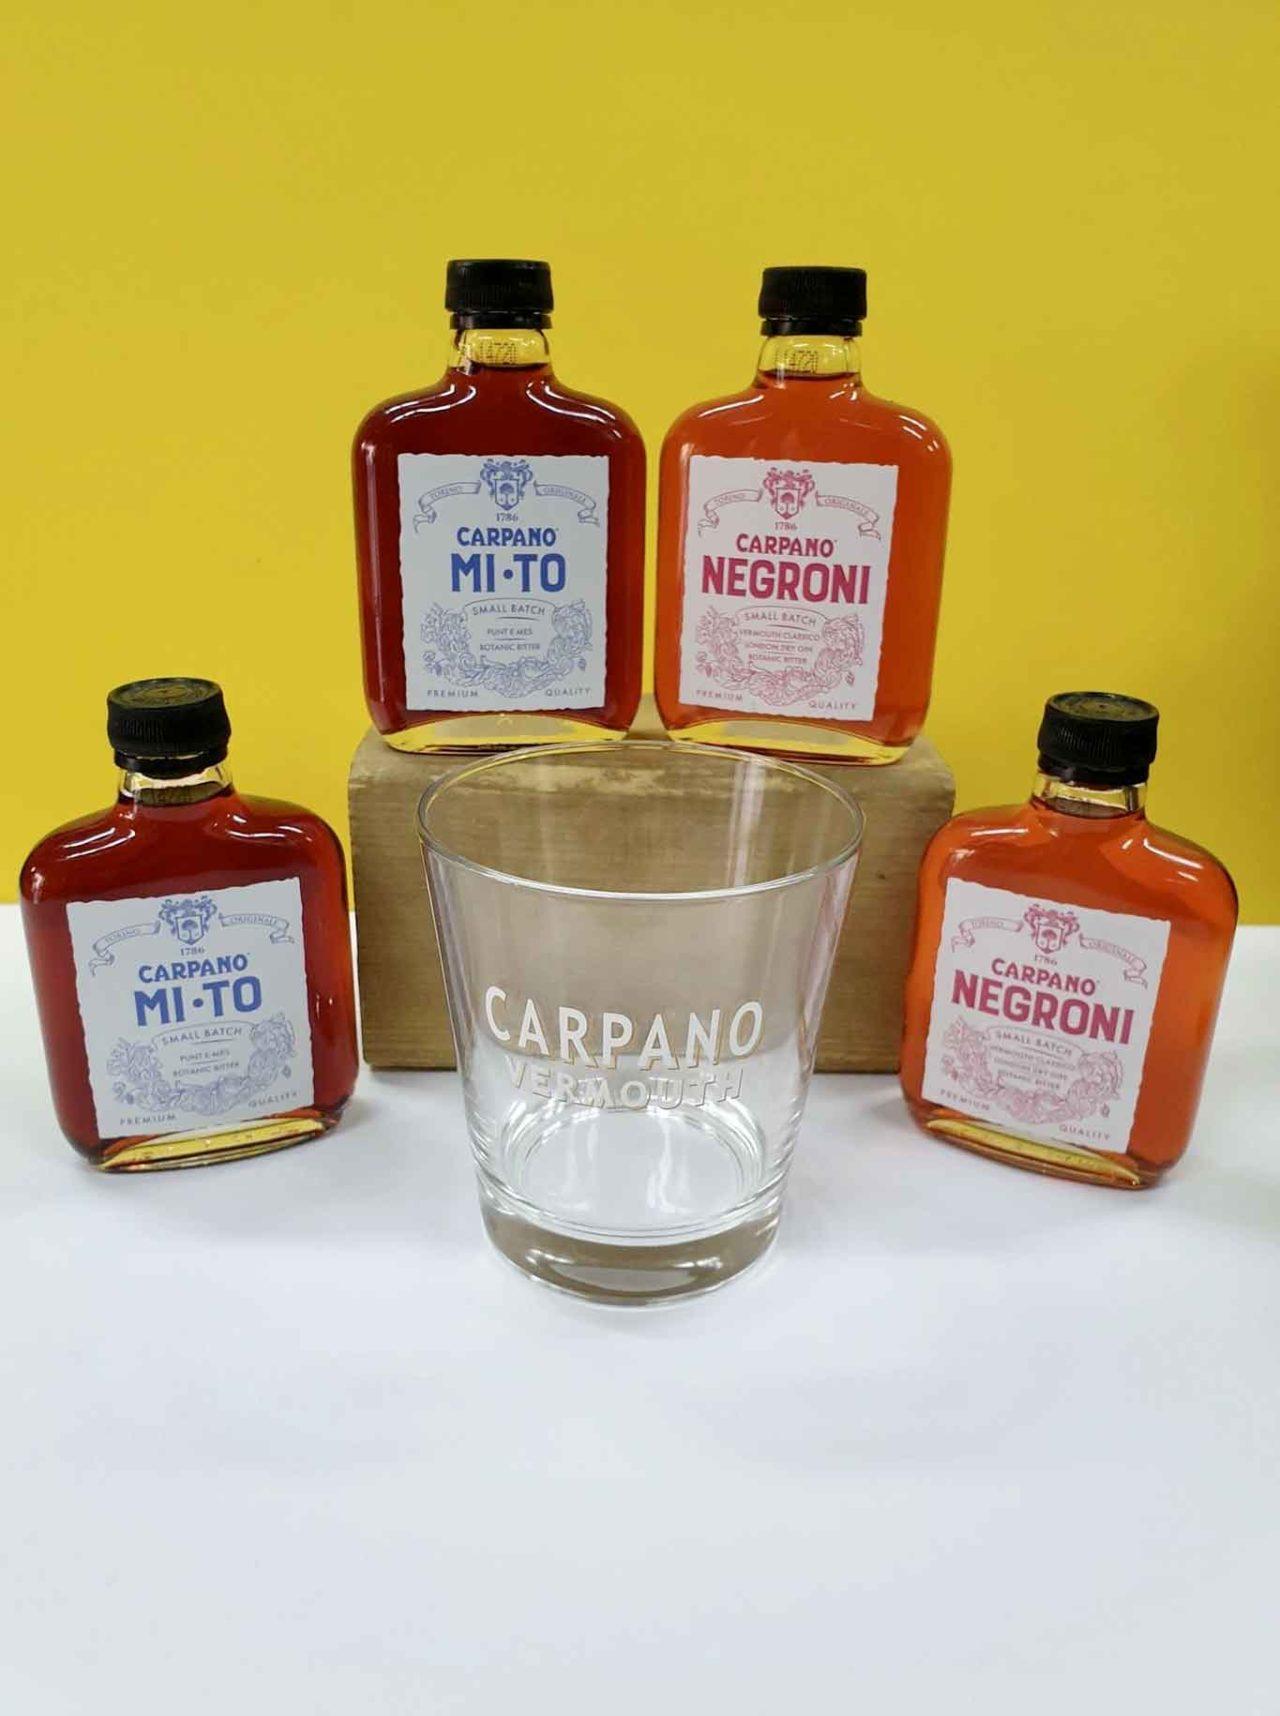 Cocktail pronti in bottiglia e busta Carpano